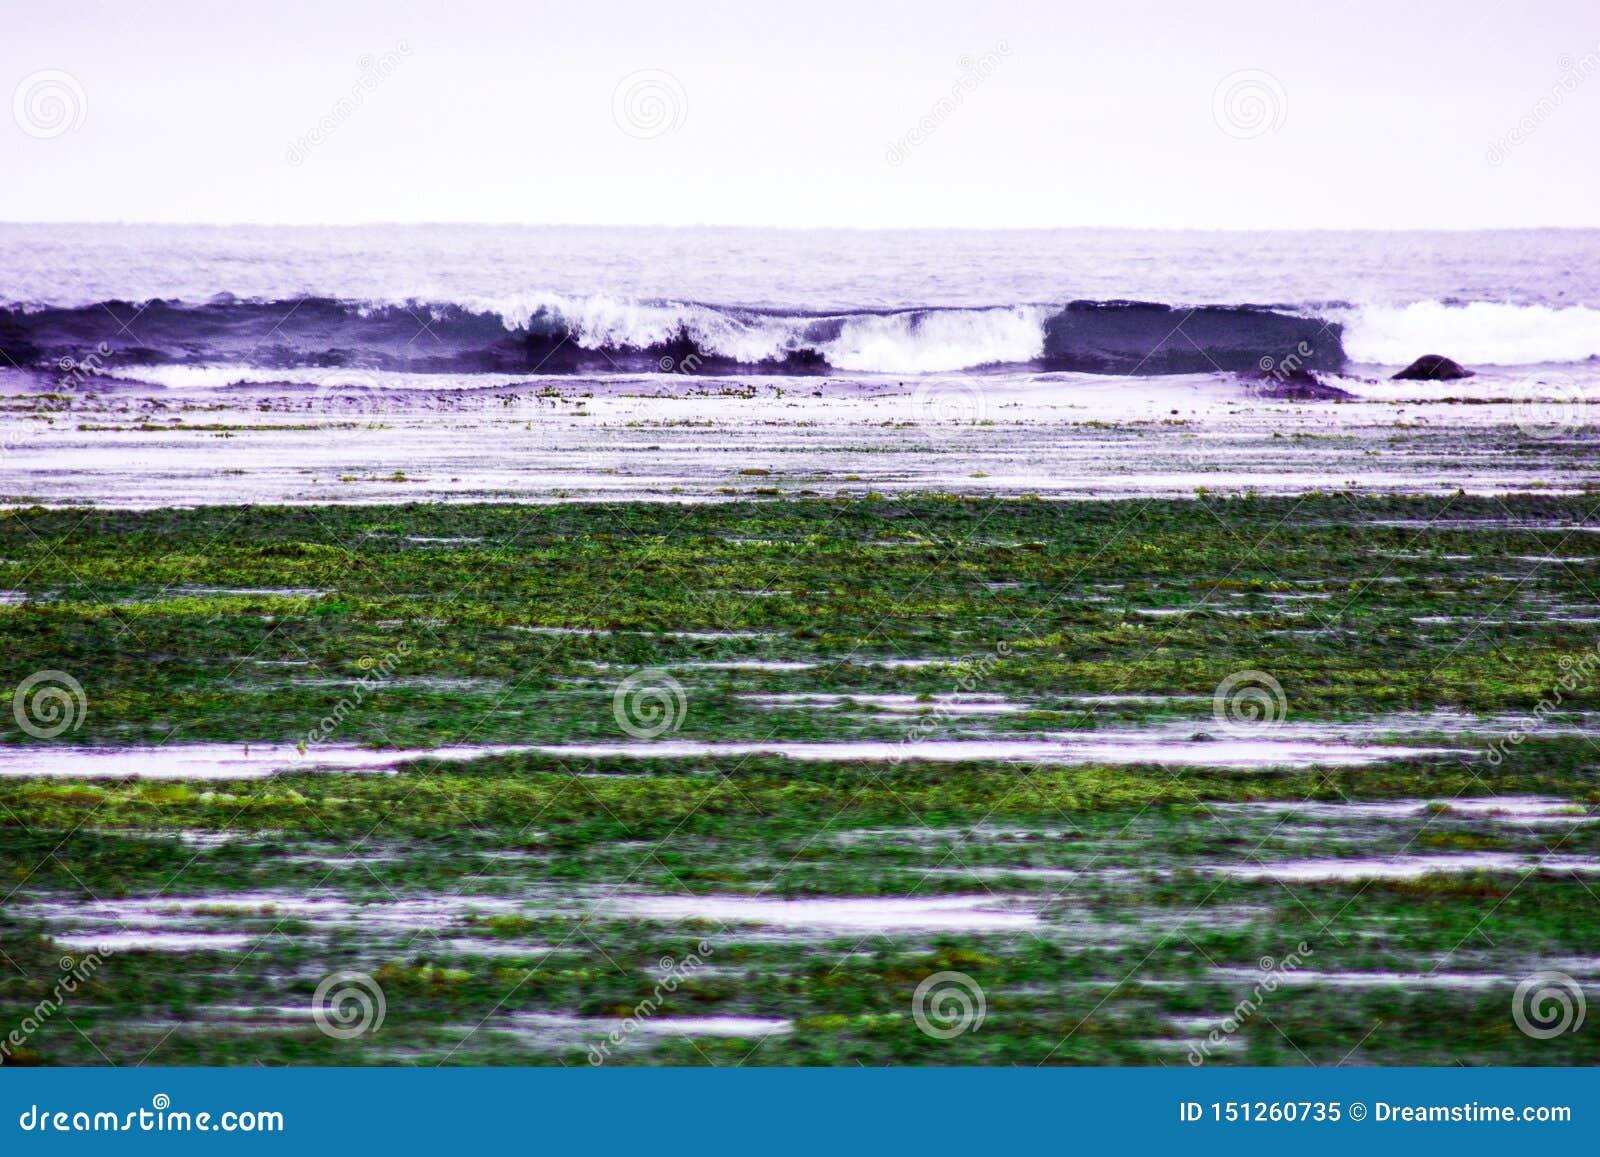 处于低潮中在海湾,在海岸海藻和海甘蓝被投掷,波浪